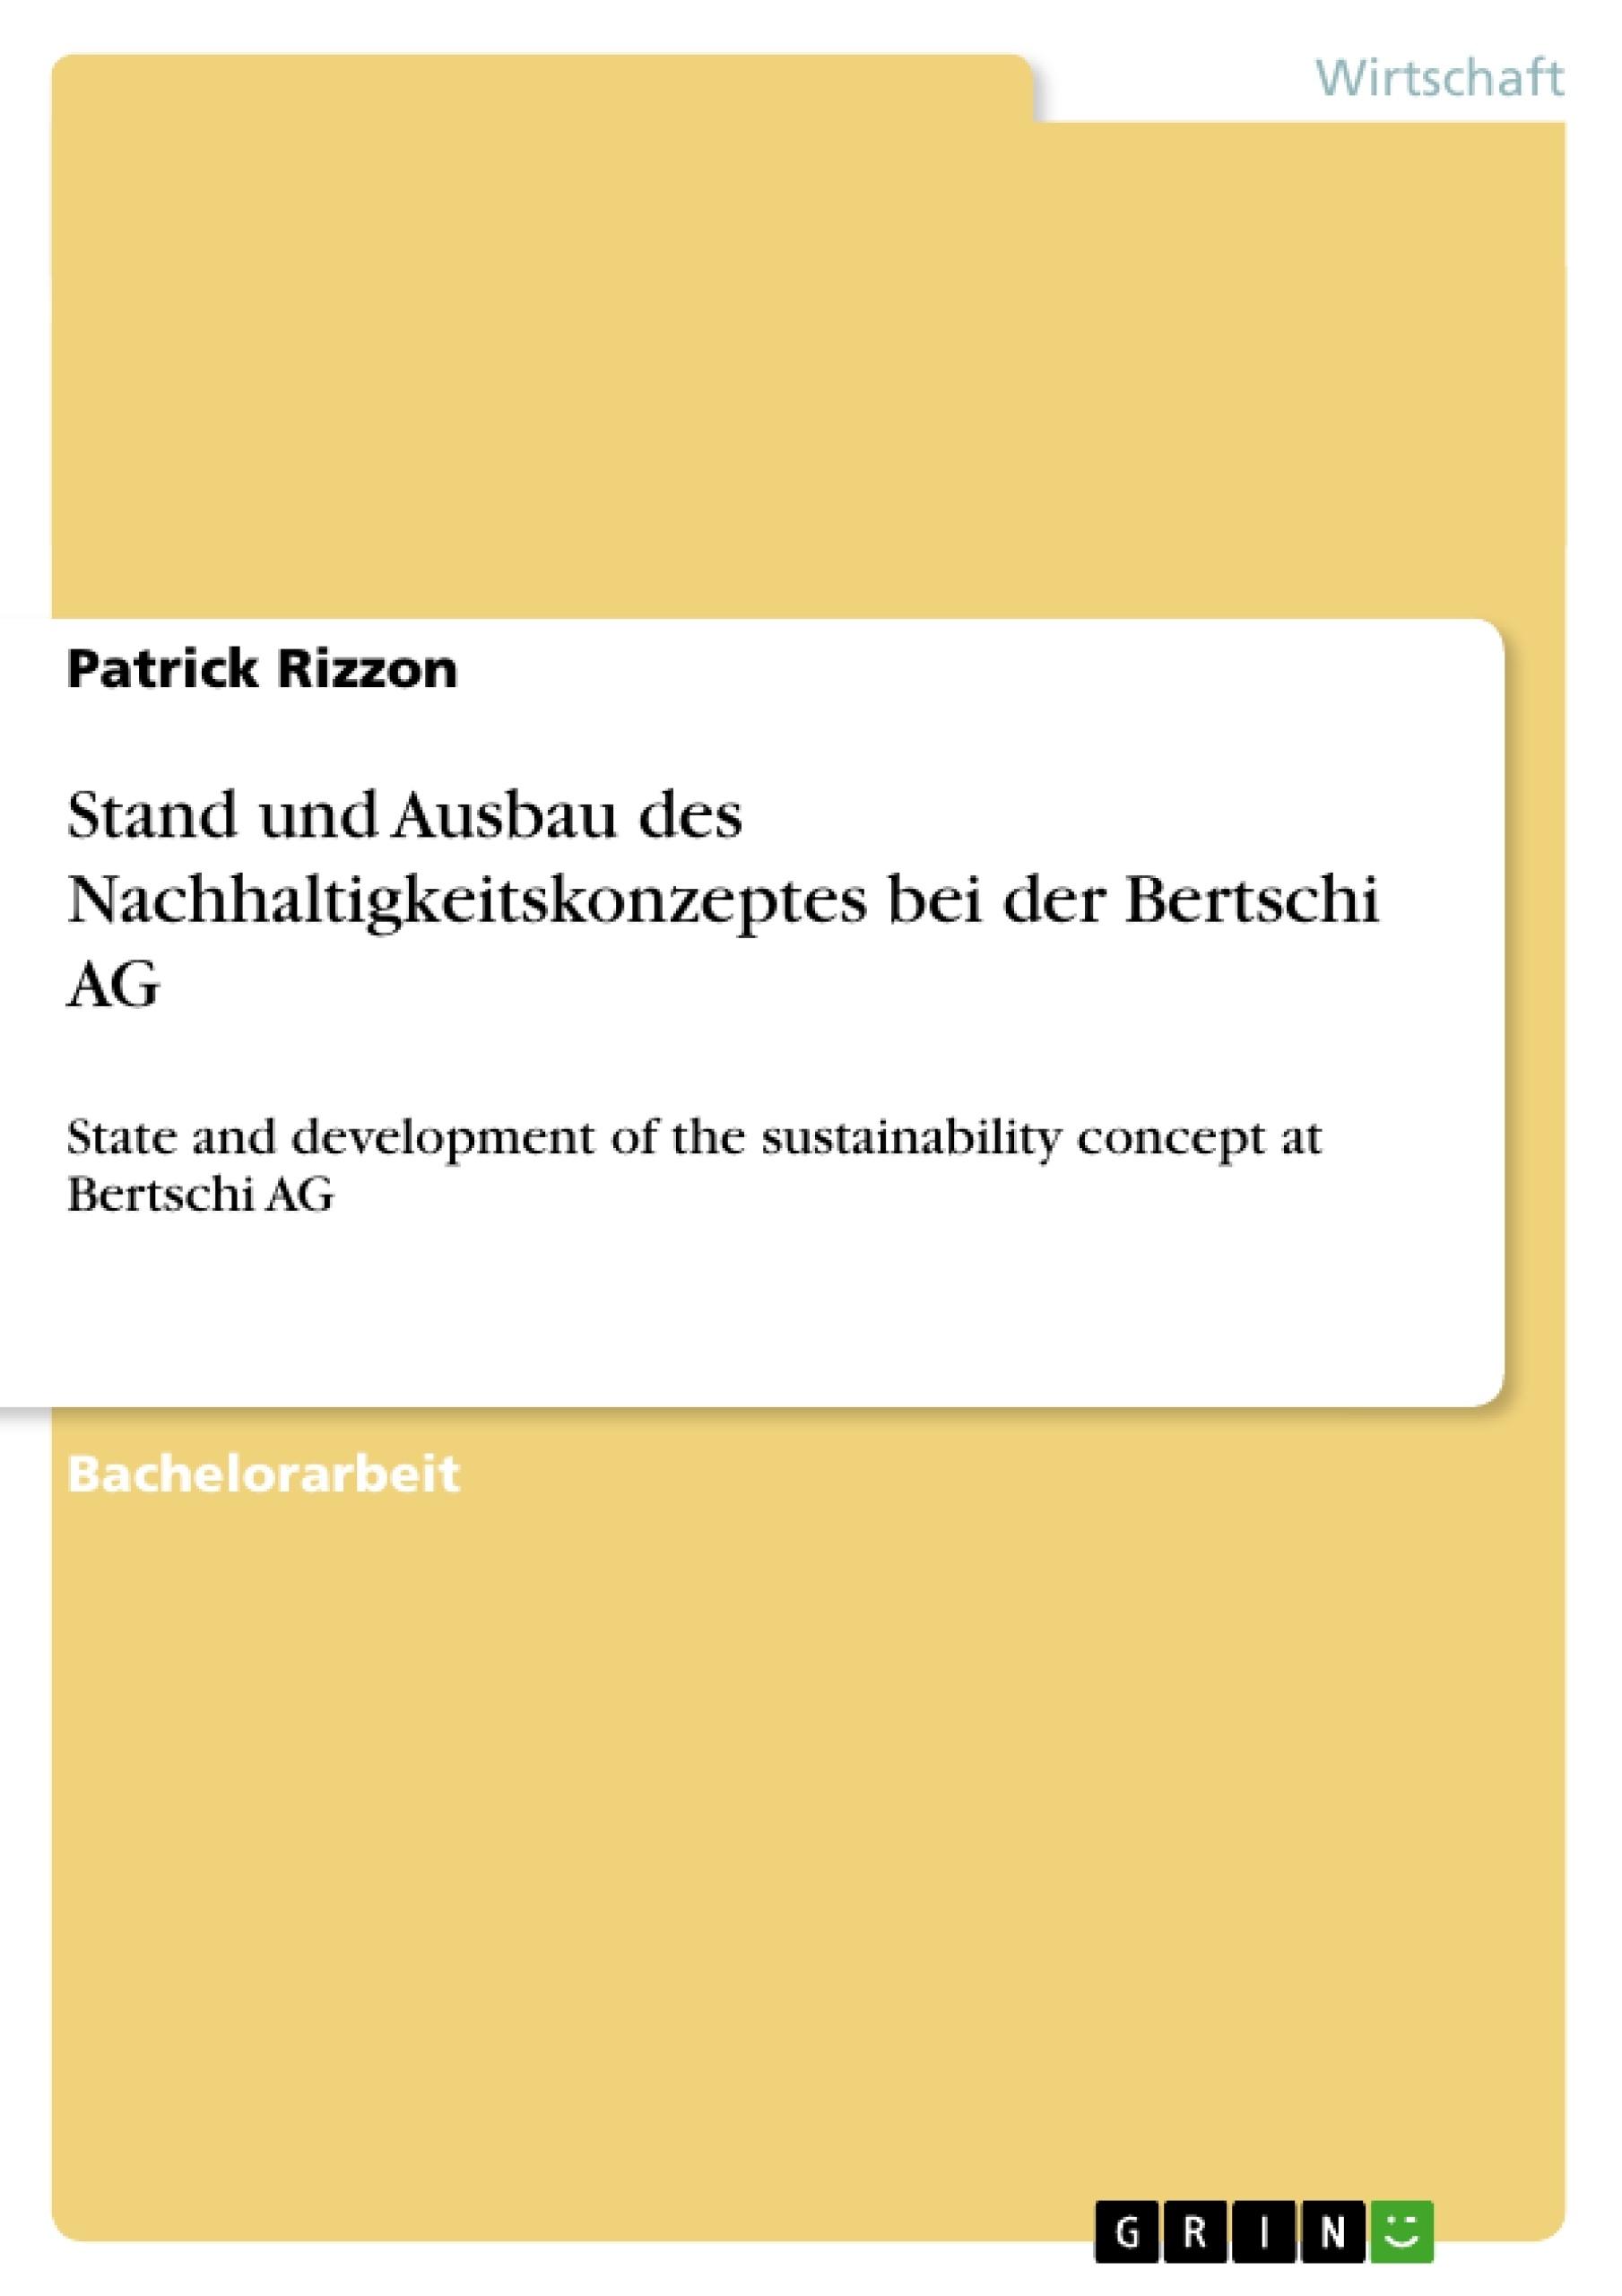 Titel: Stand und Ausbau des Nachhaltigkeitskonzeptes bei der Bertschi AG